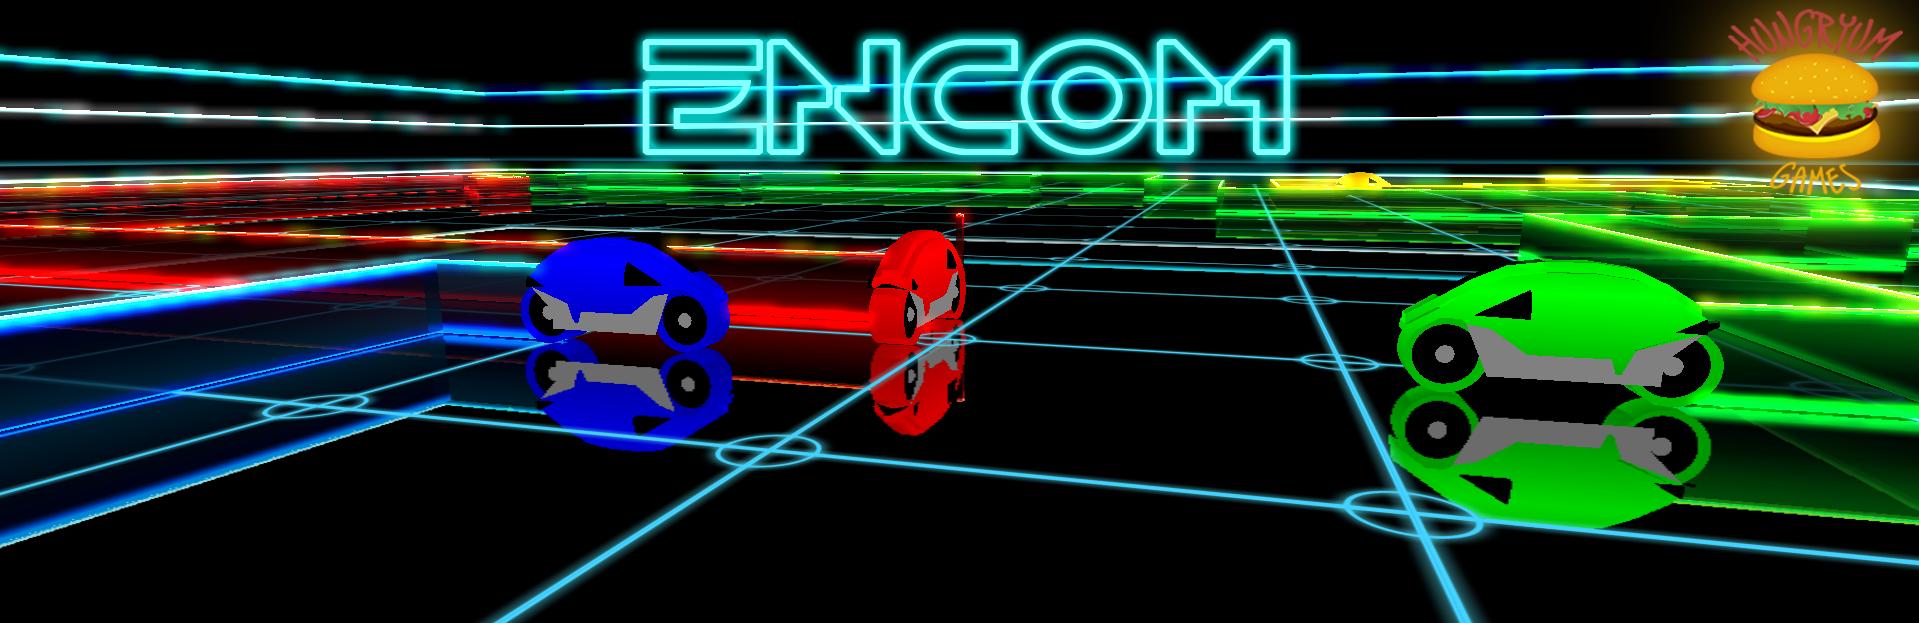 Encom(Tron)